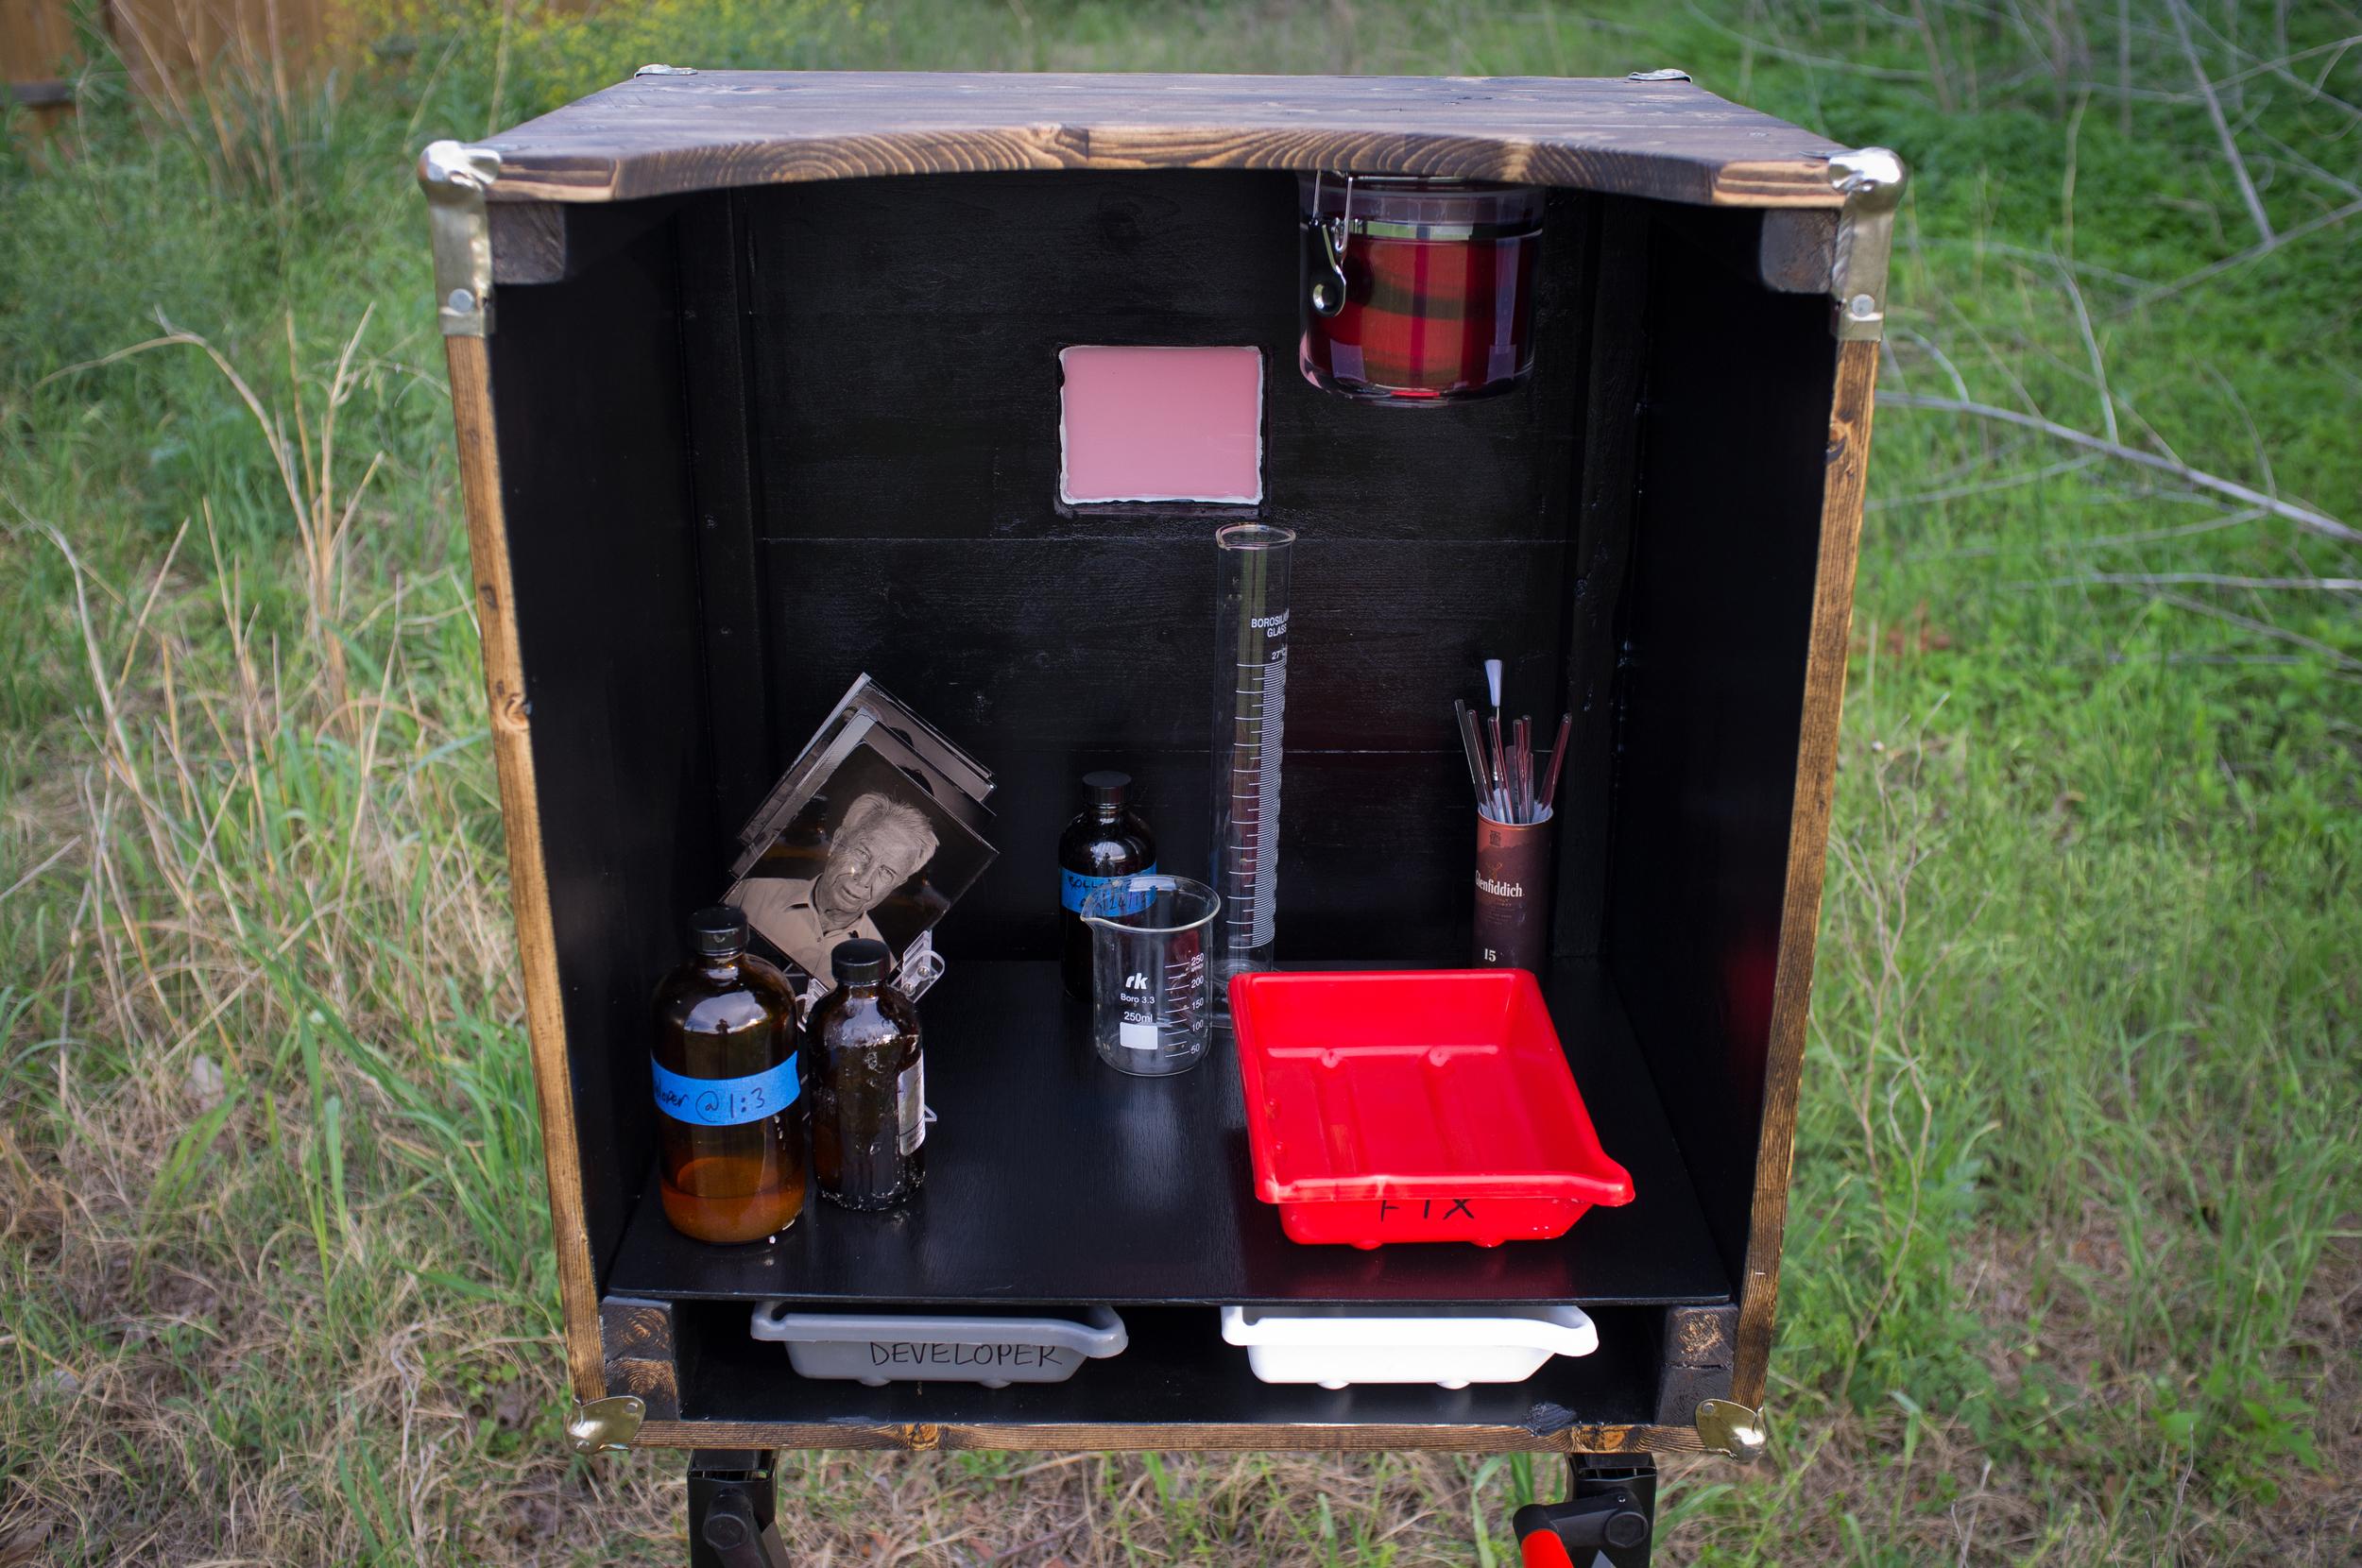 Inside the lumiere darkbox